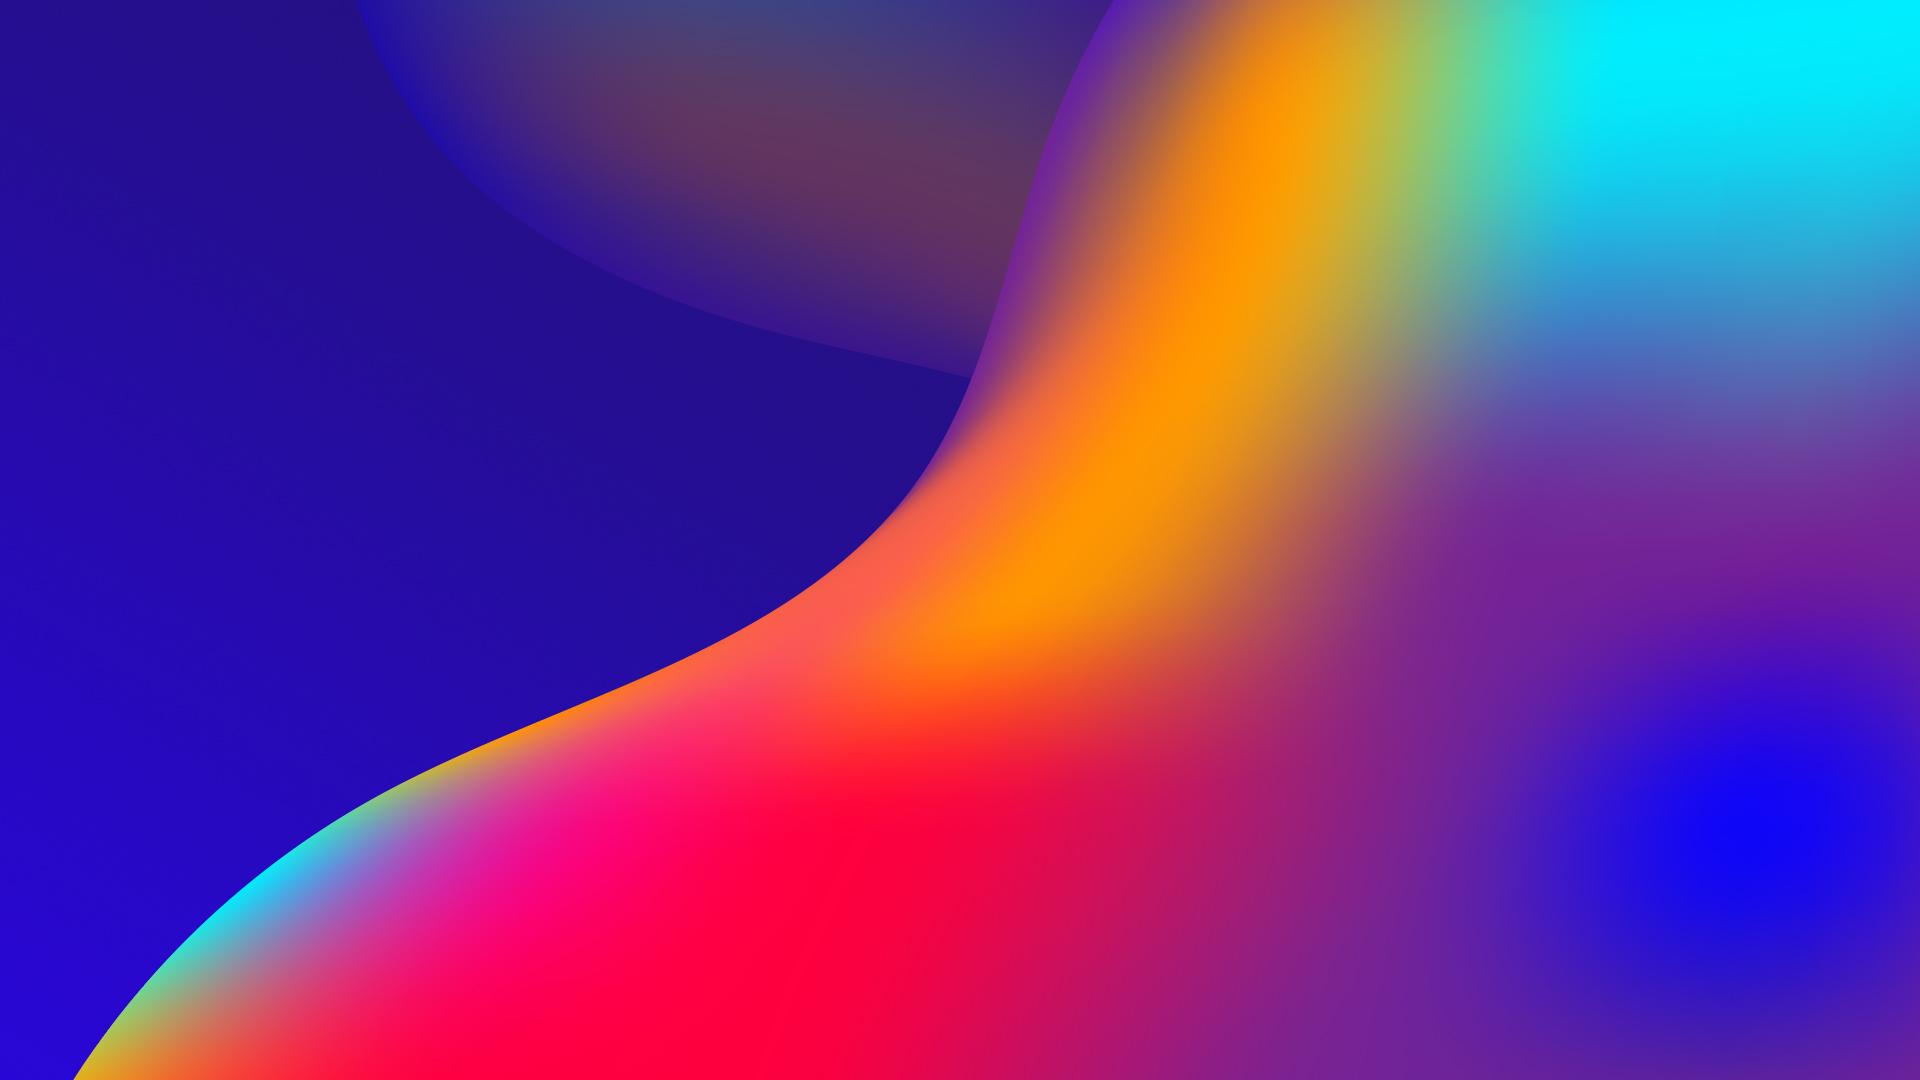 Iphone X Liquid Wallpaper Download Neon Gradient Wallpapers Hd Wallpapers